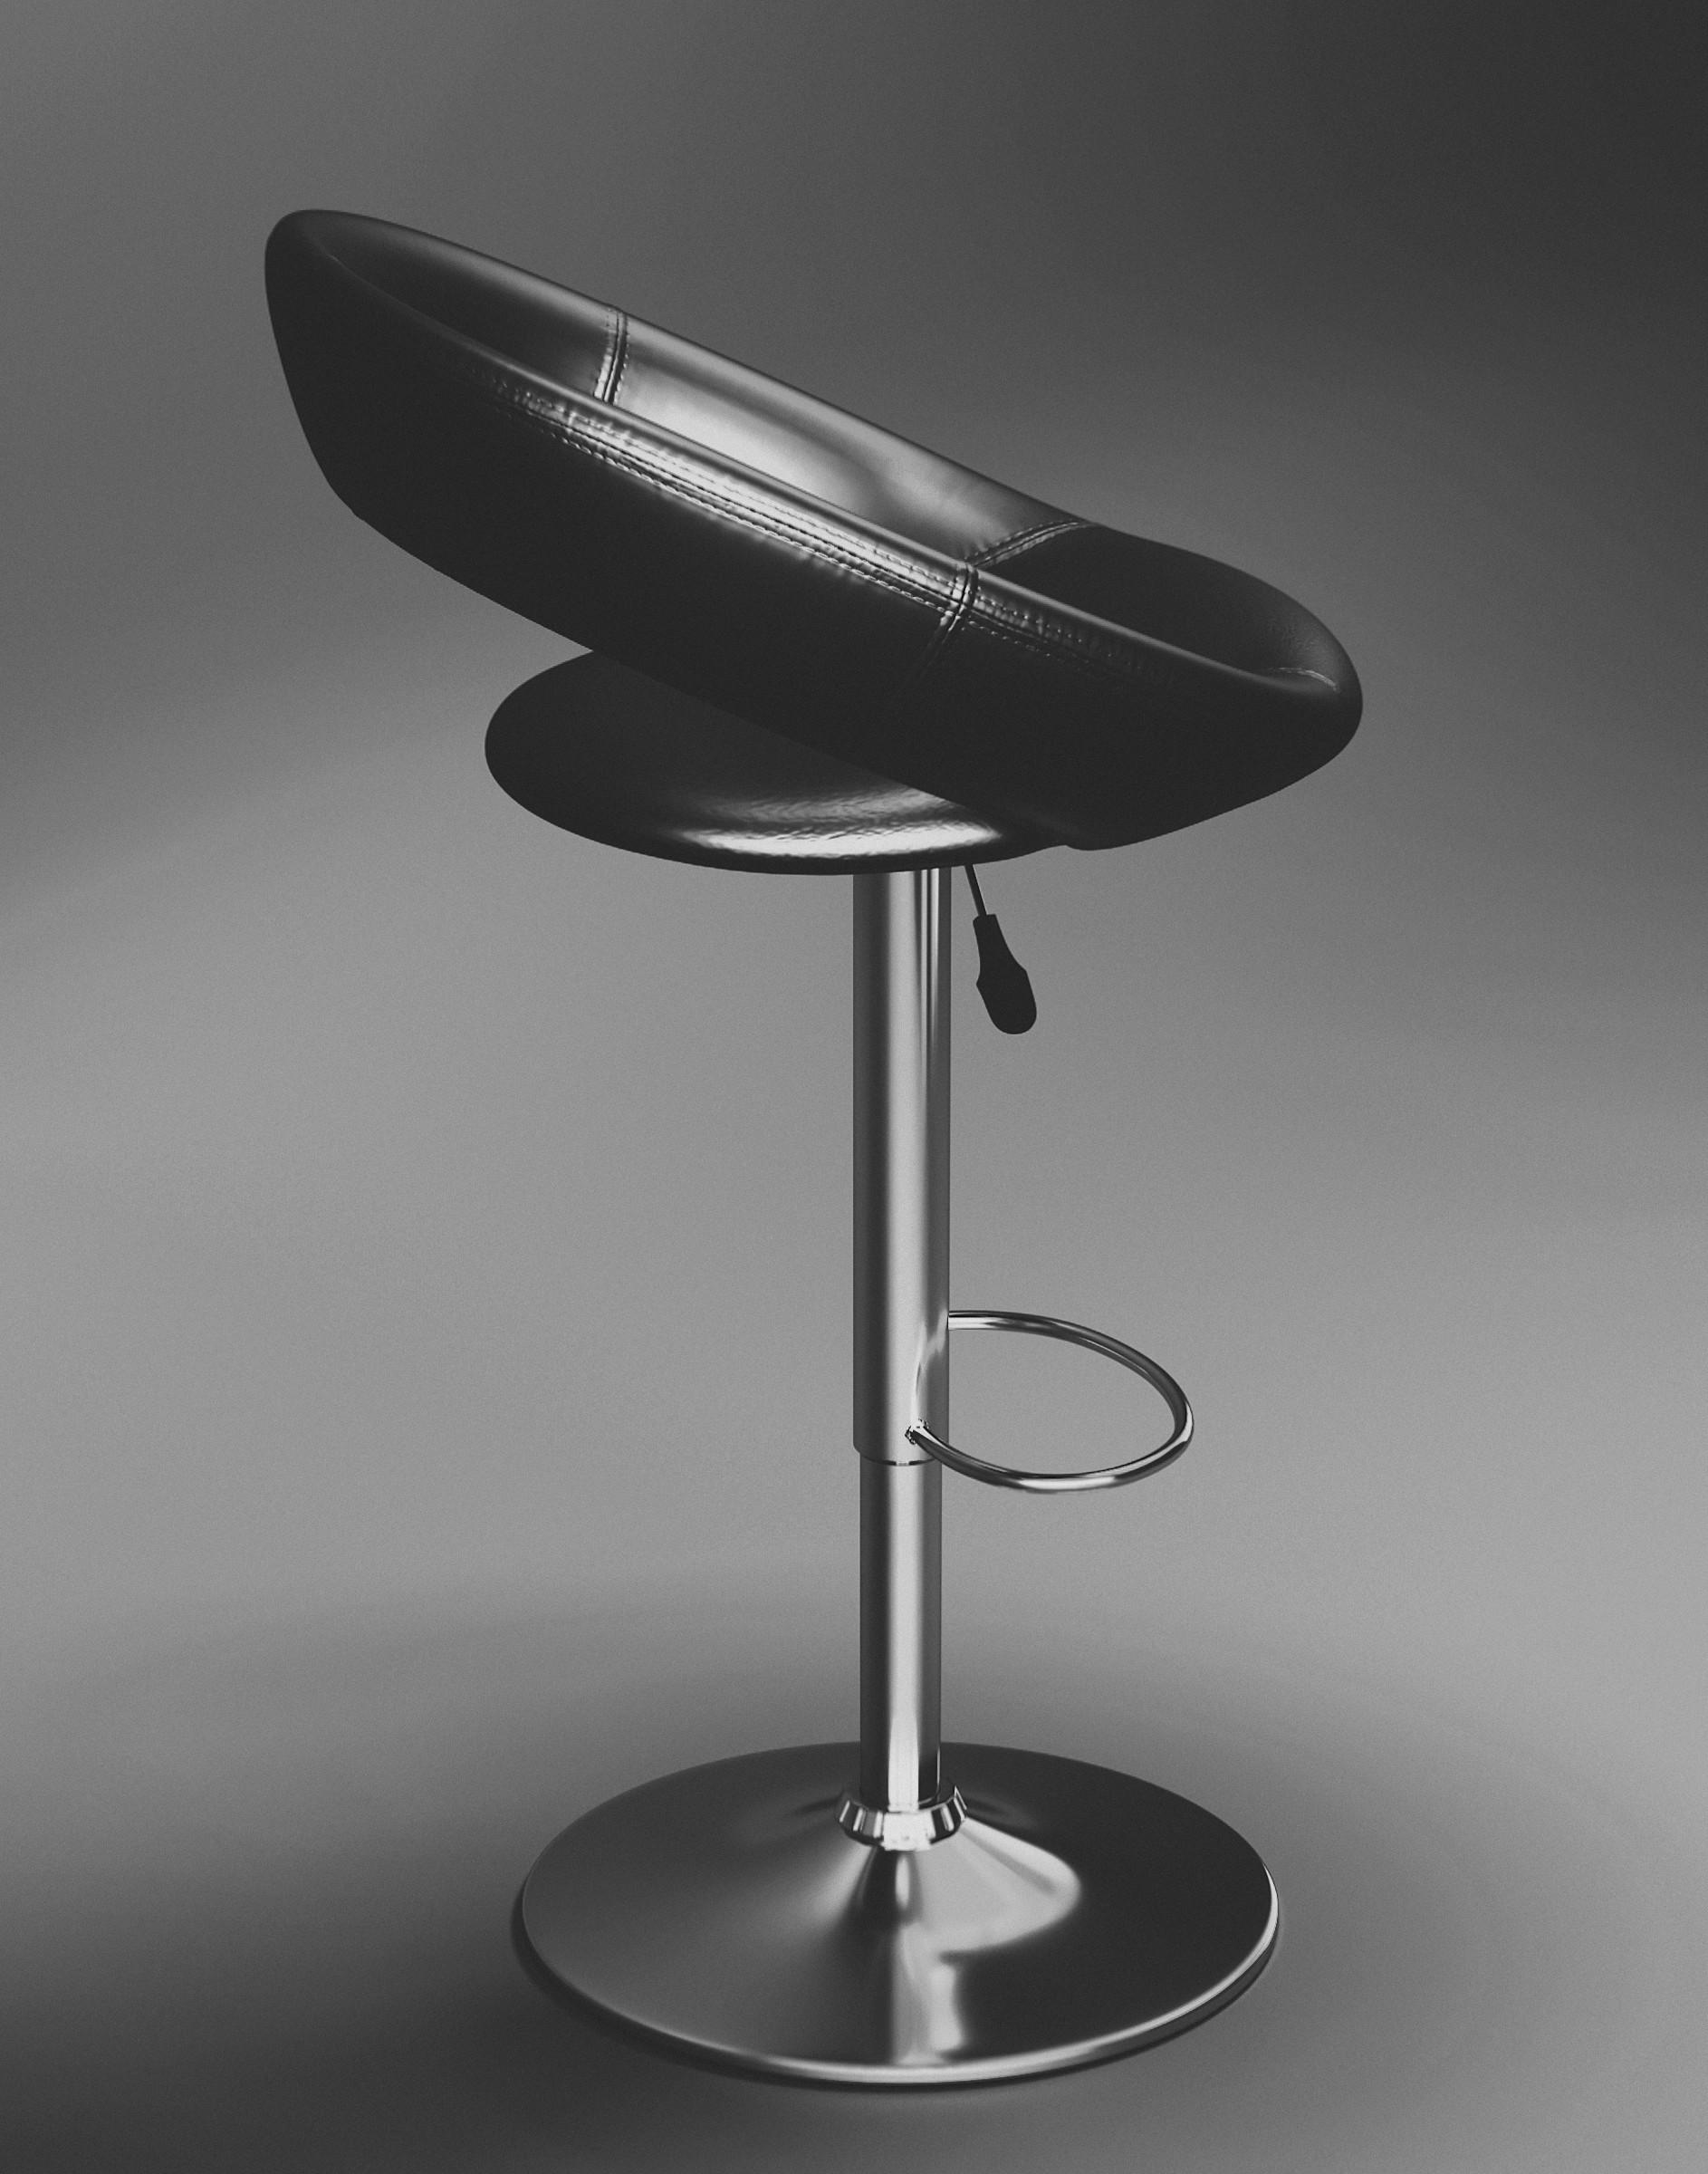 Elias s bar stool black 012 ae03